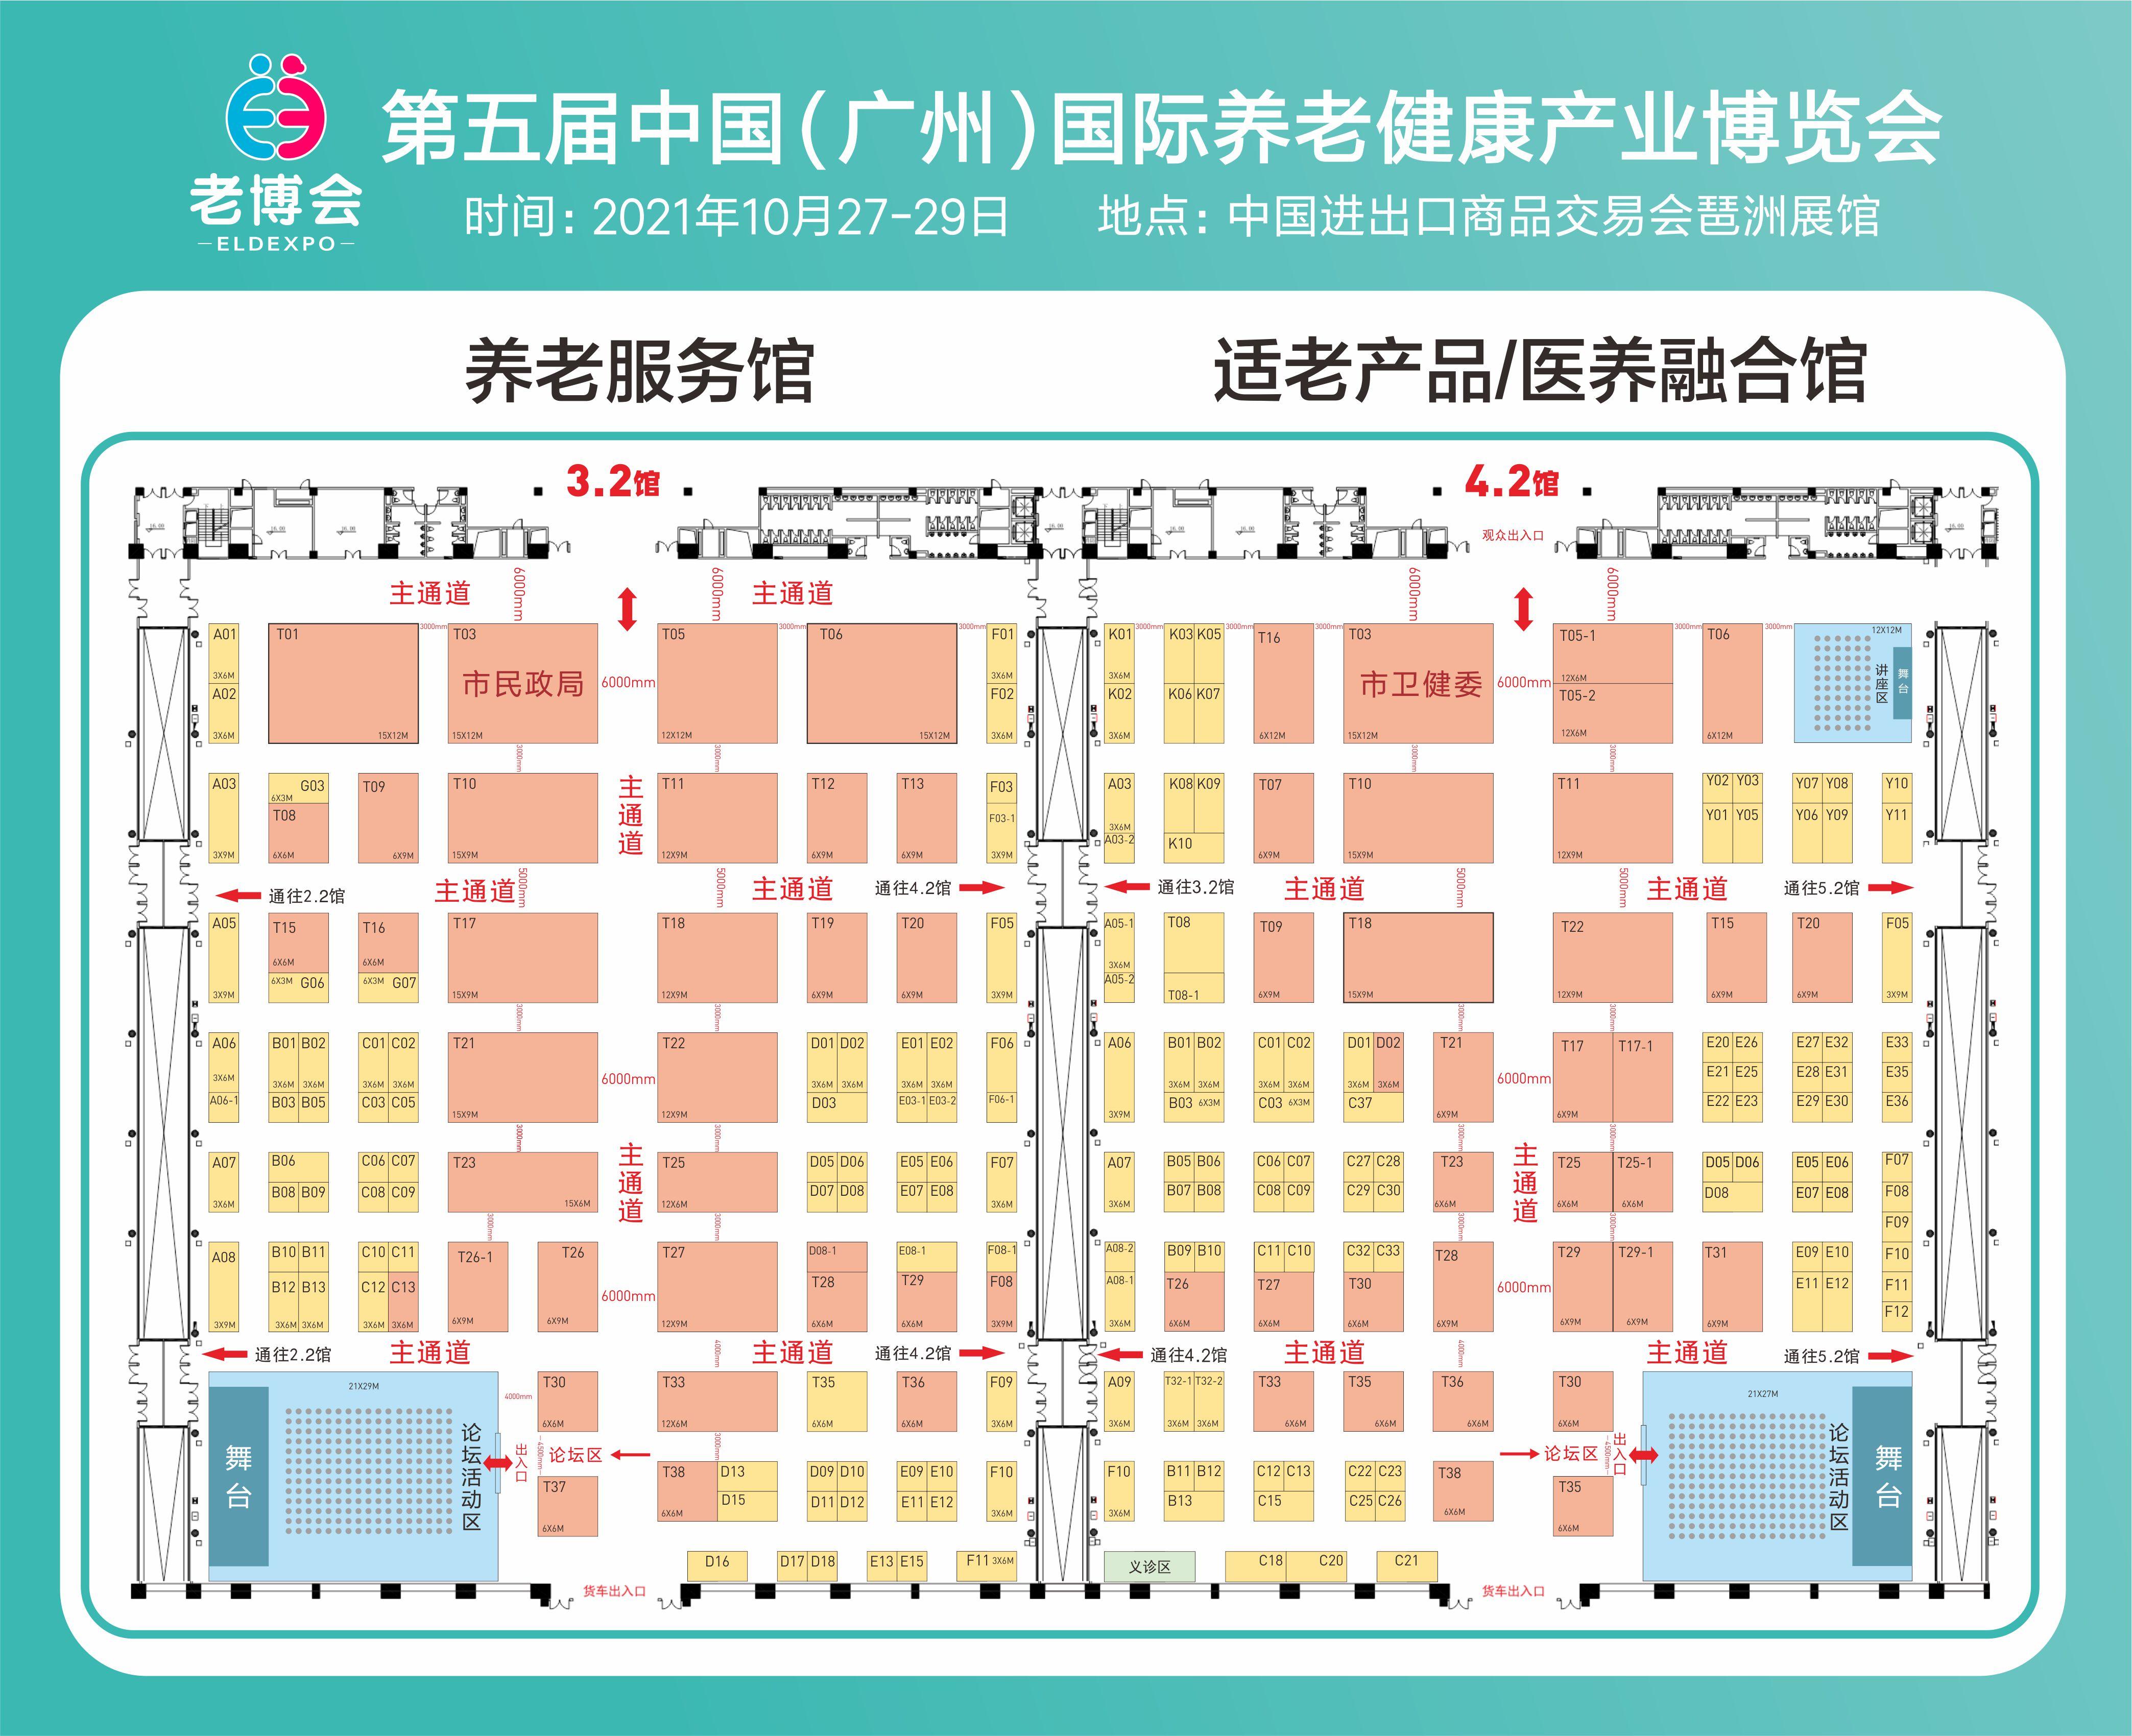 广州展位图(9.6).jpg